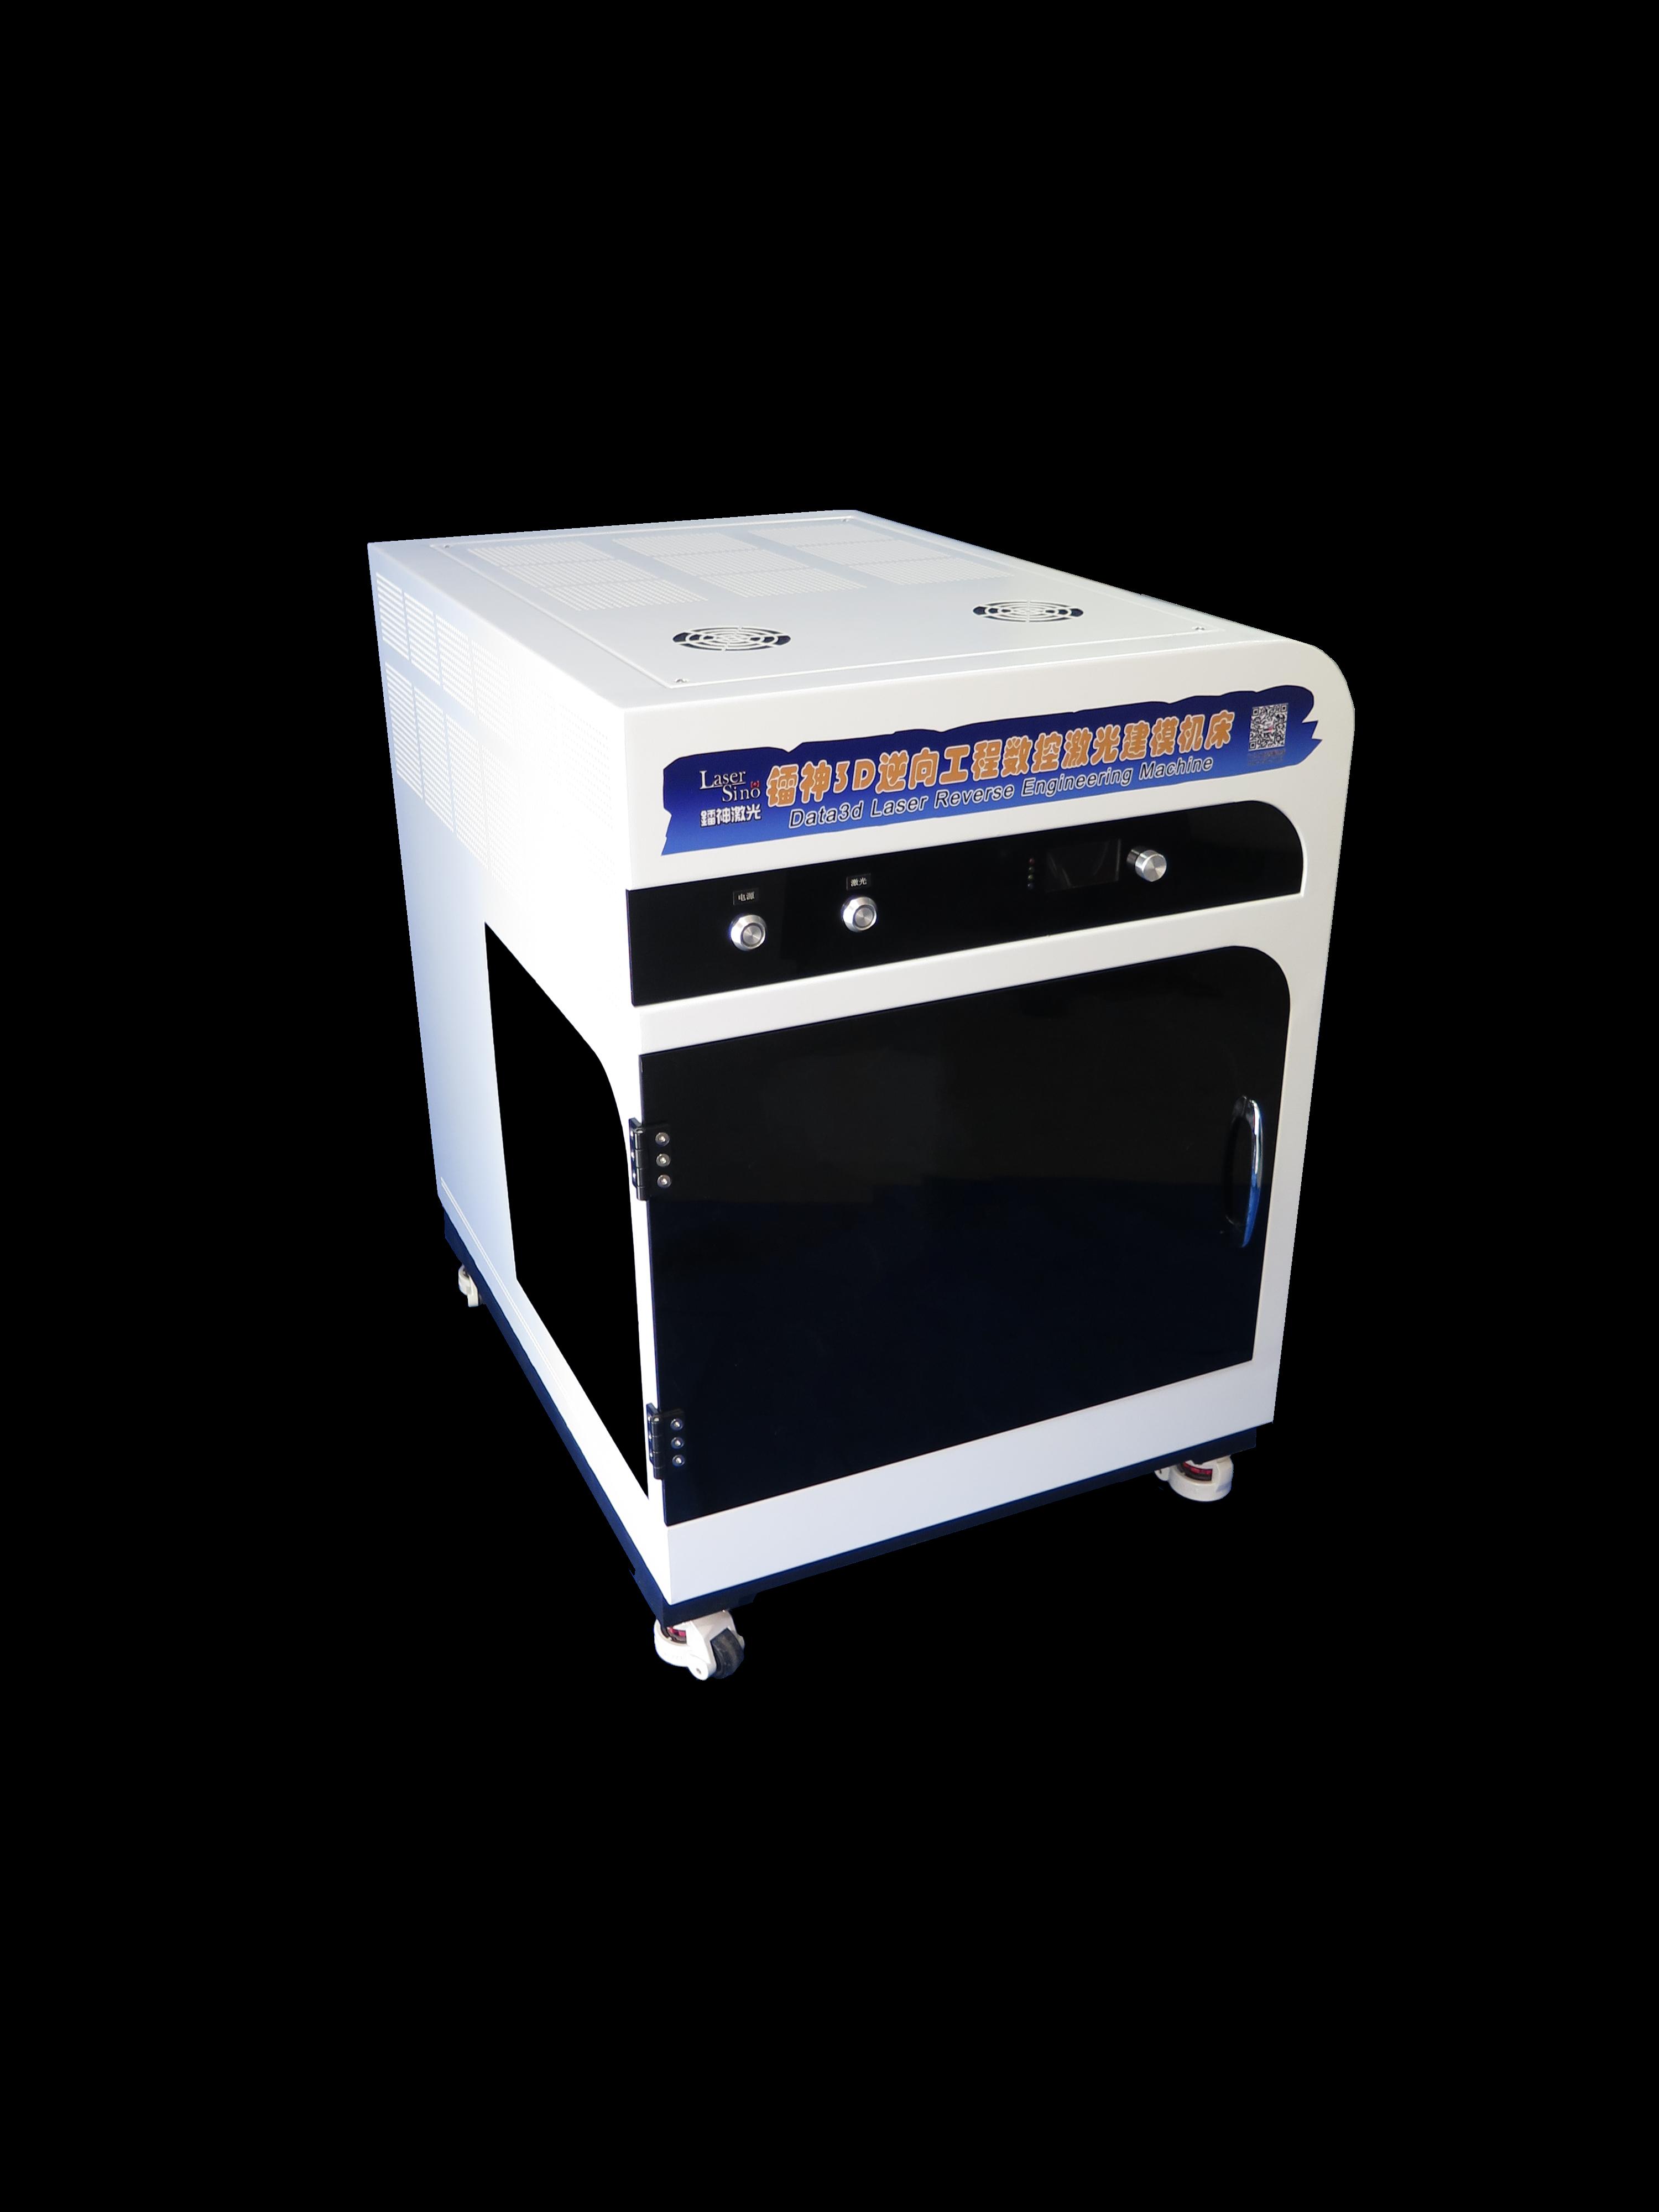 CLS532高精度激光3D内雕机